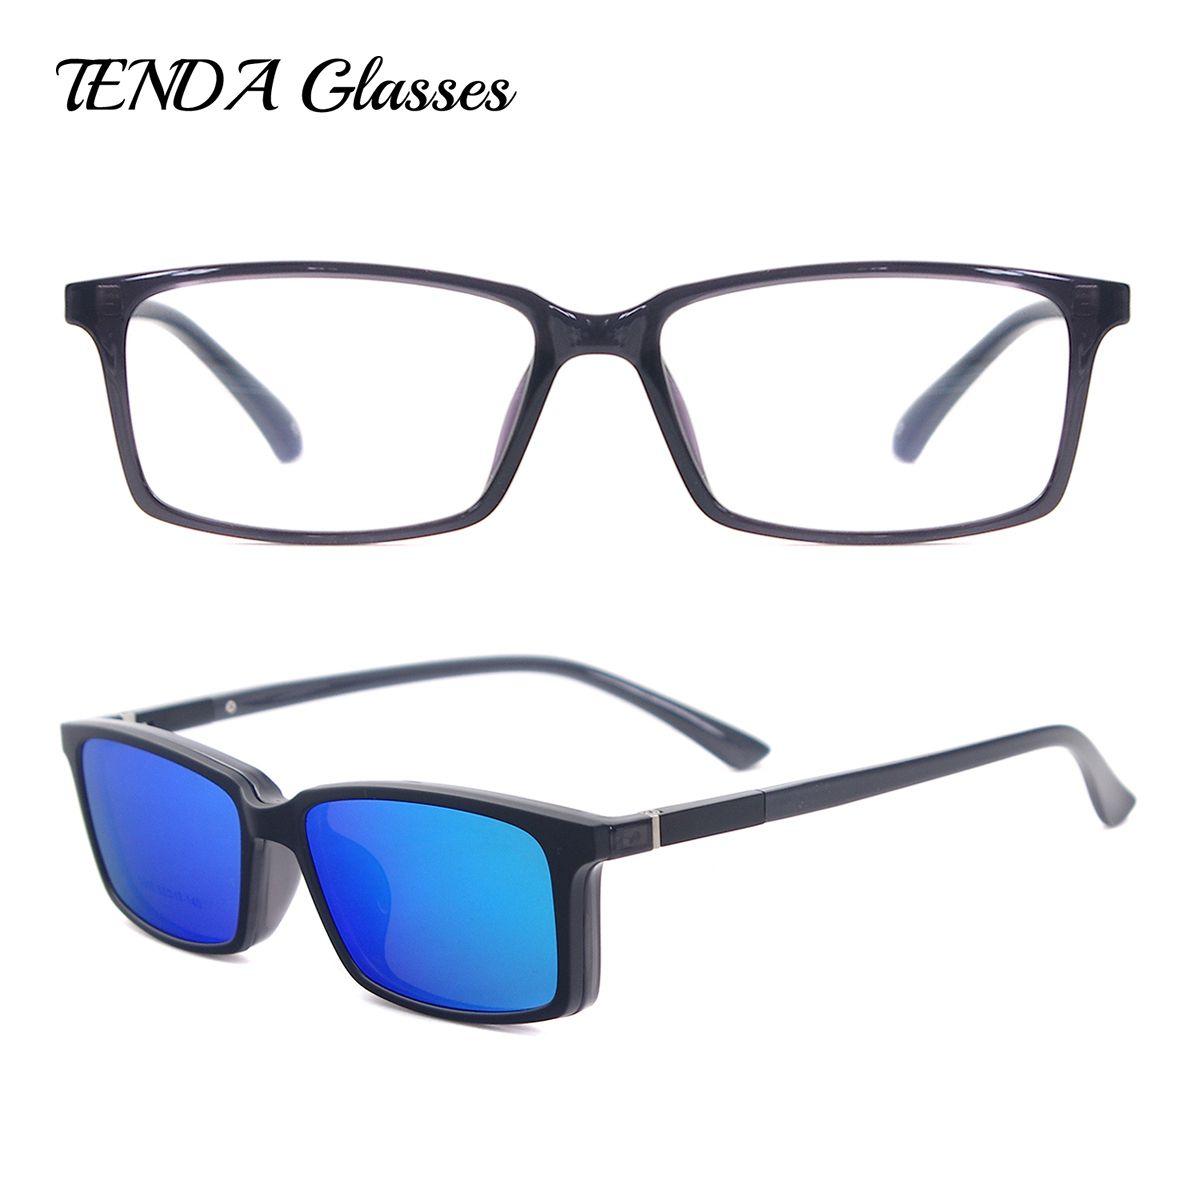 TendaGlasses léger Flexible rectangulaire TR90 hommes femmes monture de lunettes de Prescription avec Clip polarisé sur lunettes de soleil